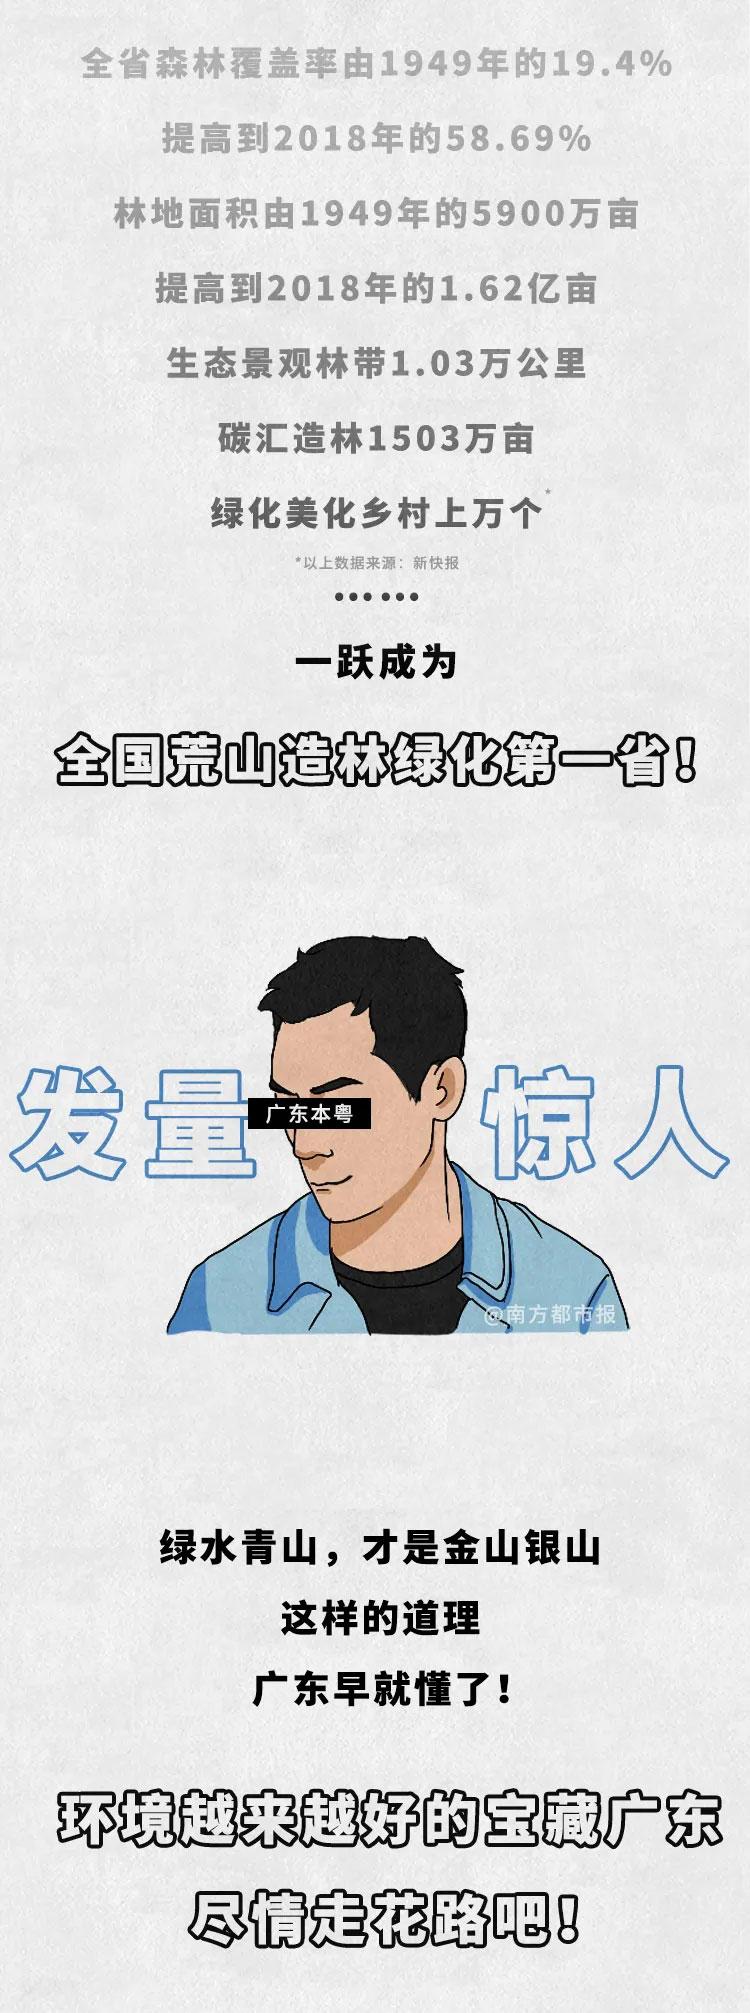 广东人的环保态度